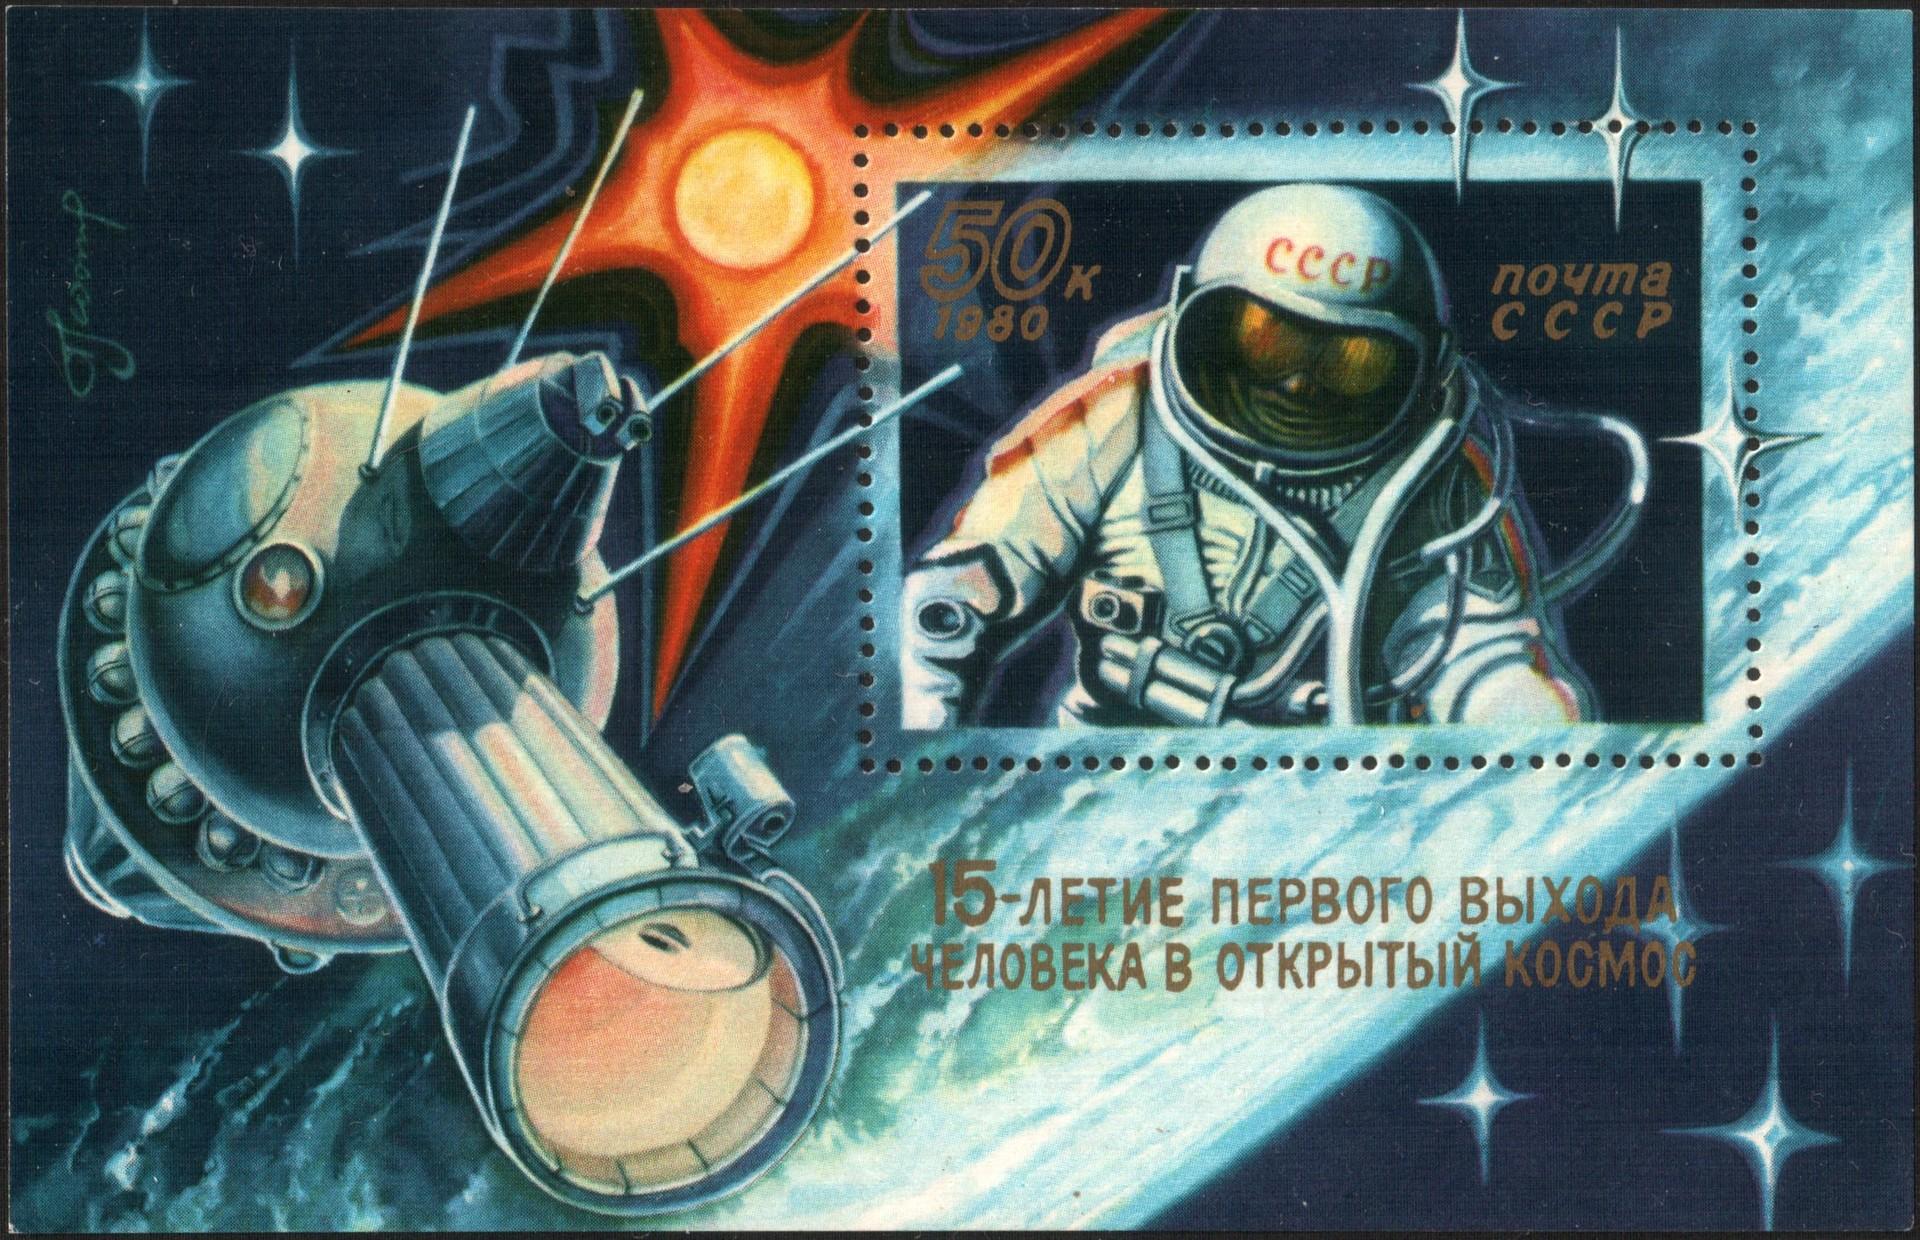 Depois de se aposentar da carreira como cosmonauta, Leonov dedicou-se à pintura. É de sua autoria uma série de selos dos correios russos de temática espacial.